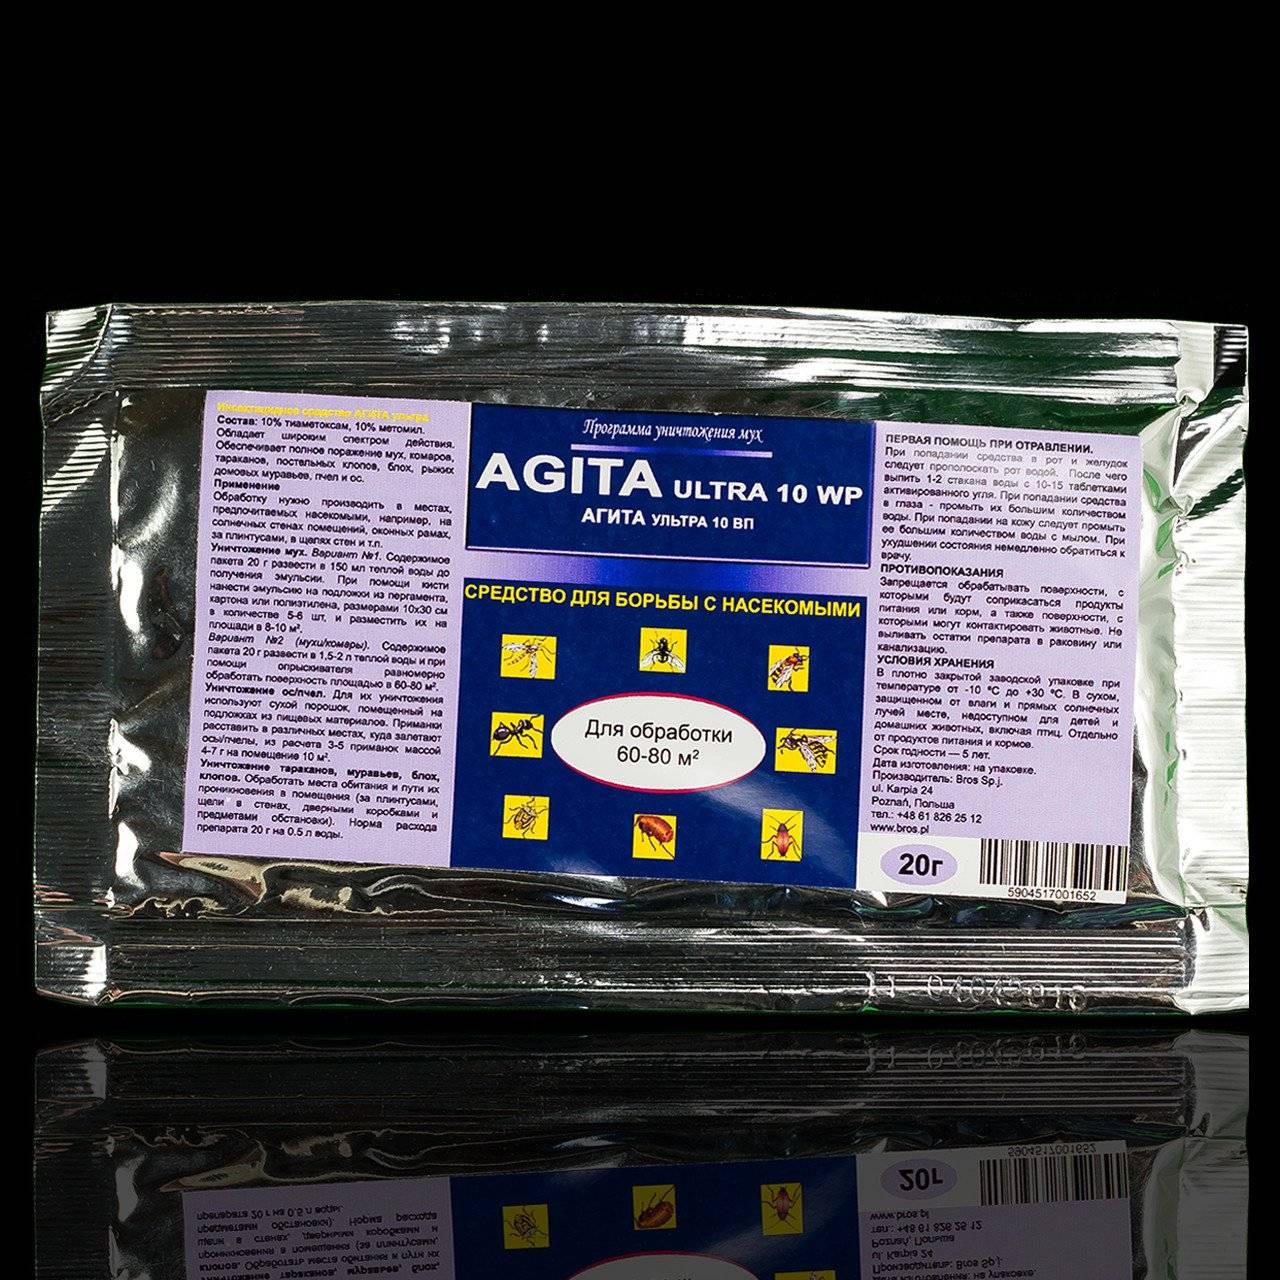 Средство от мух агита: инструкция по применению